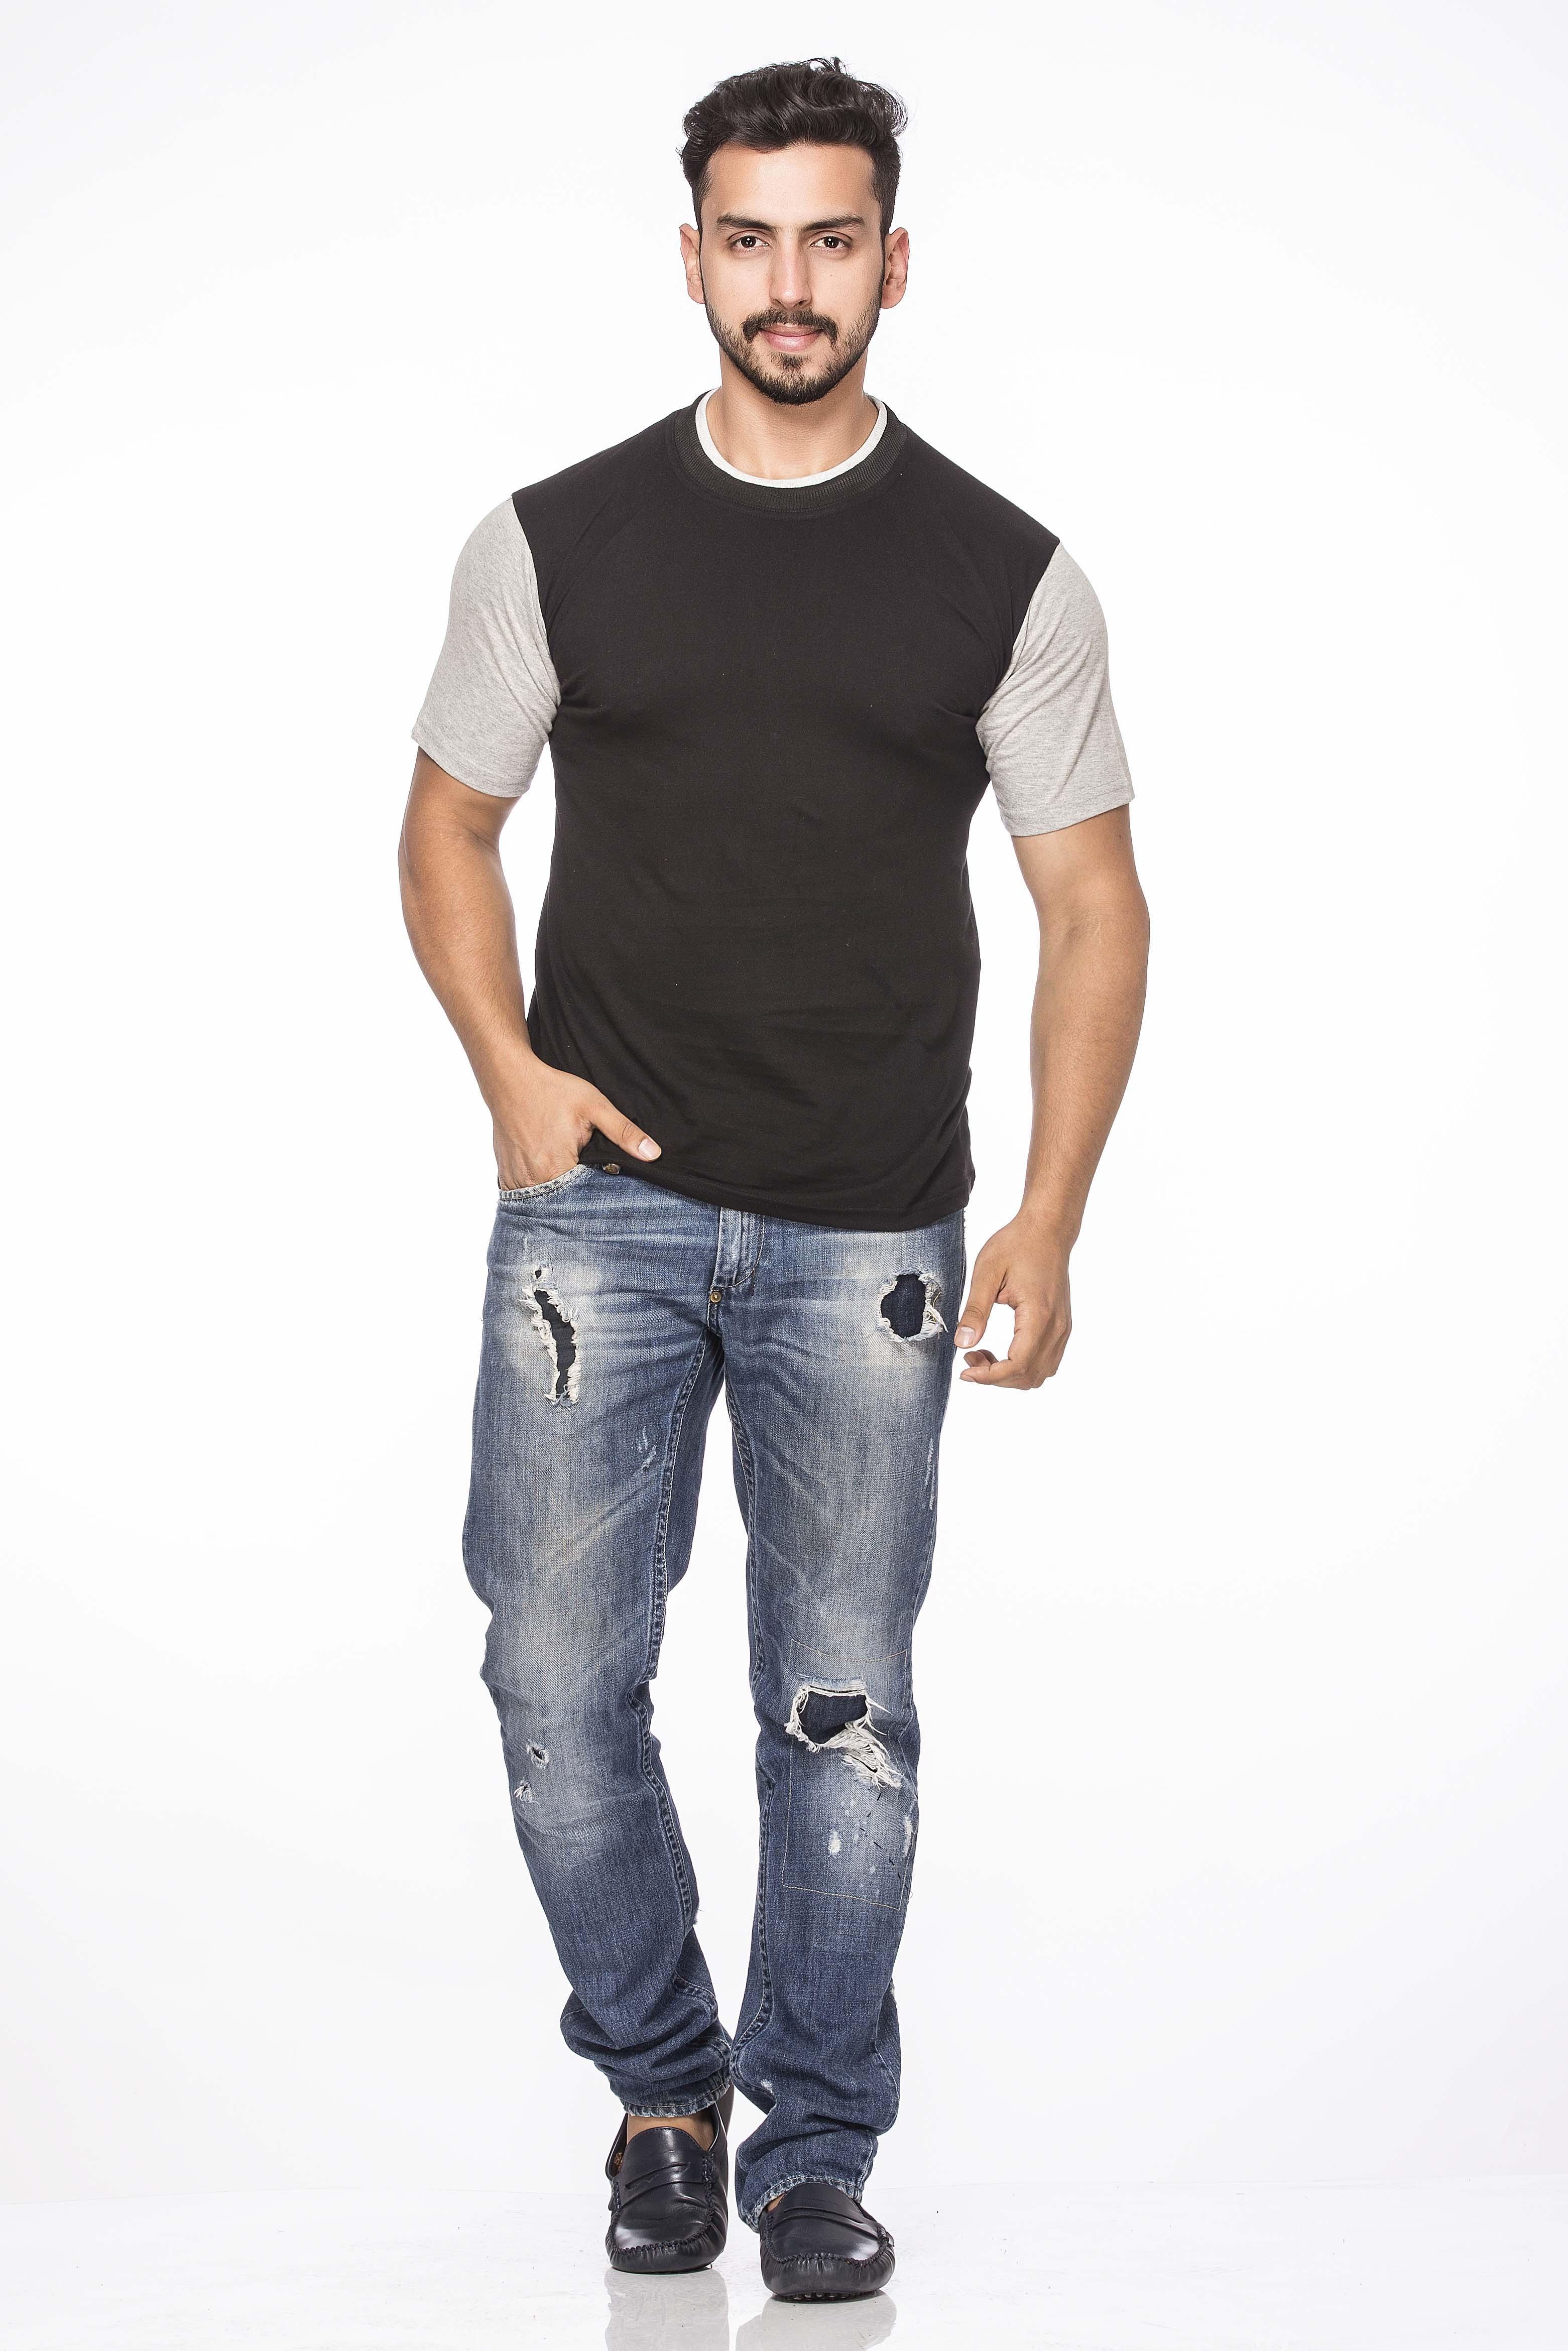 Buy demokrazy half sleeve t shirt for men 79846456 online for Half sleeve t shirts for men